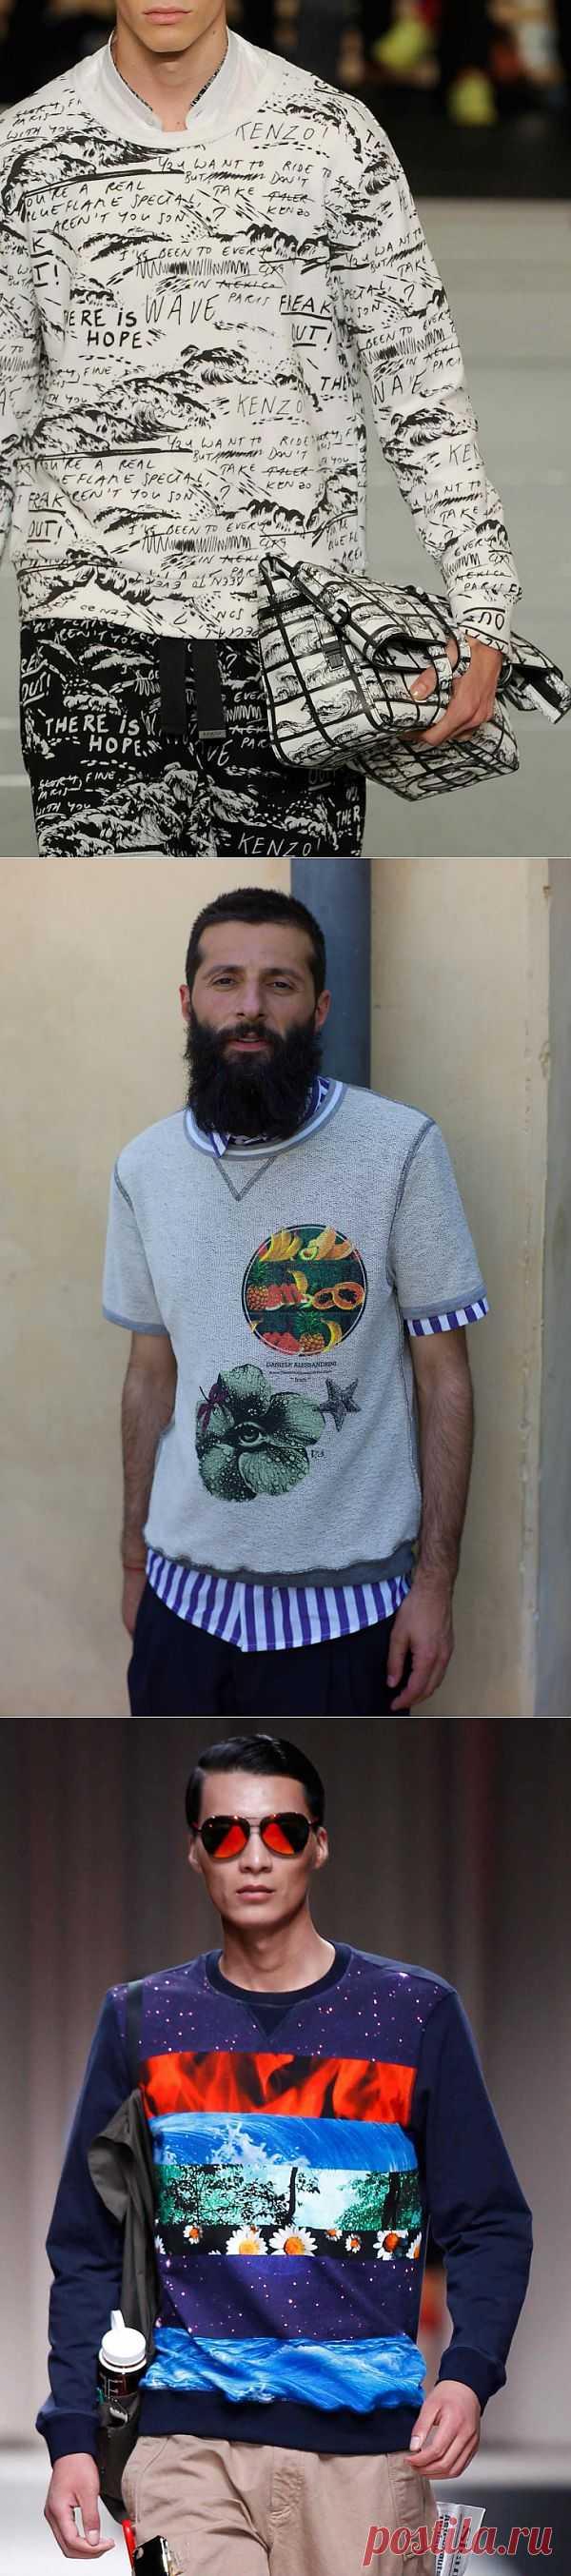 Мужская одежда с креативными рисунками (подборка) / Мужская мода / Модный сайт о стильной переделке одежды и интерьера